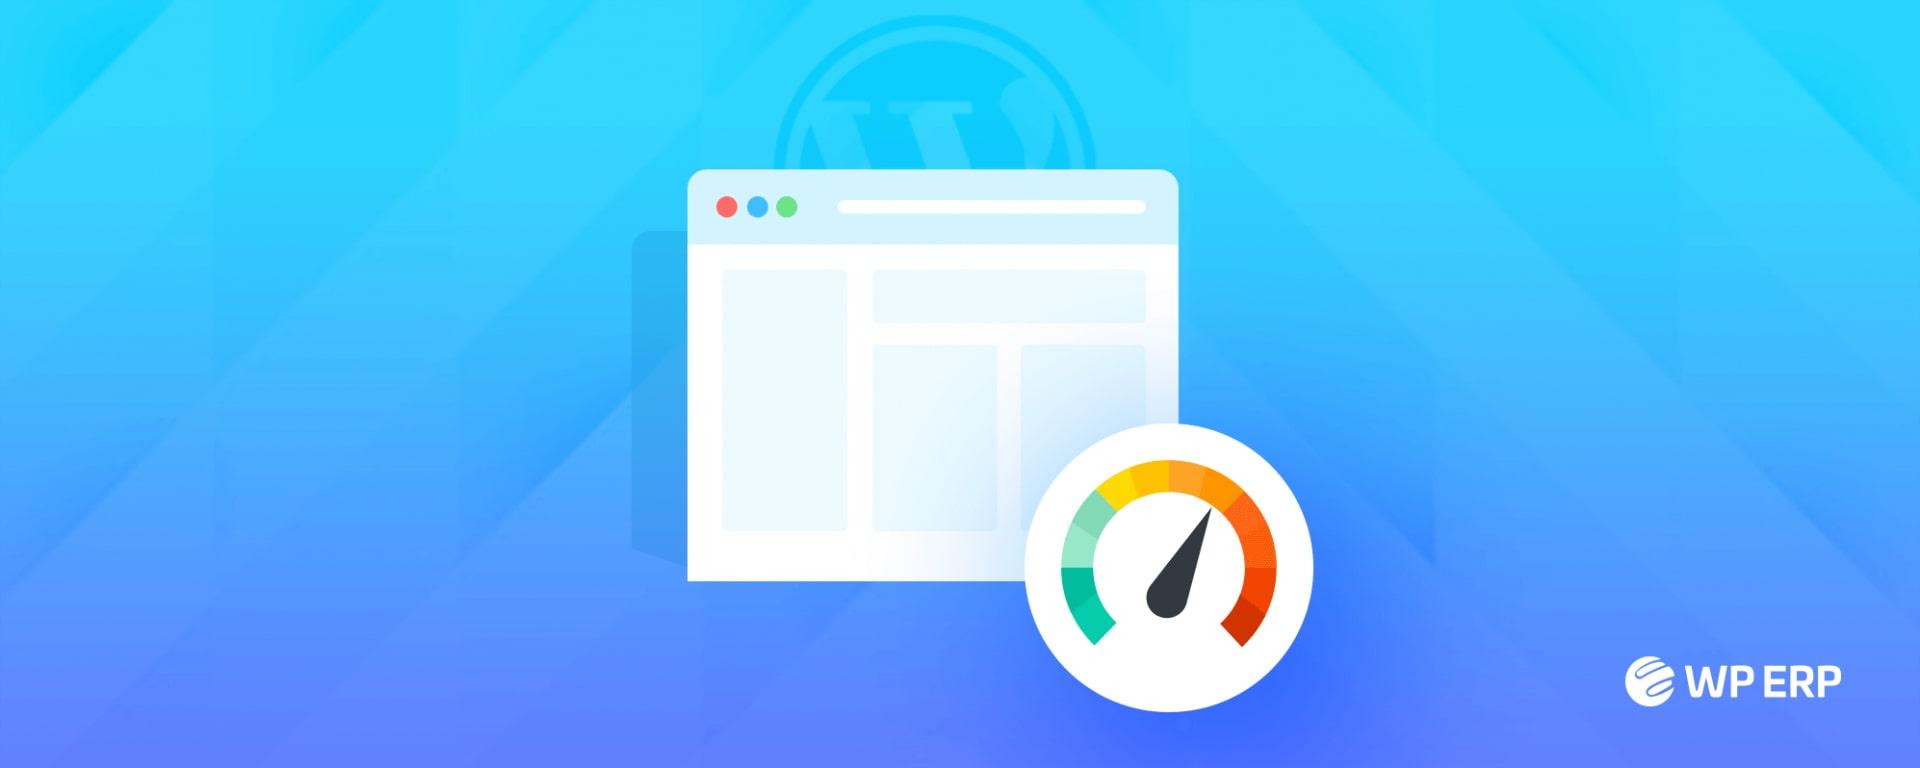 WordPress网站提速性能优化服务 第1张